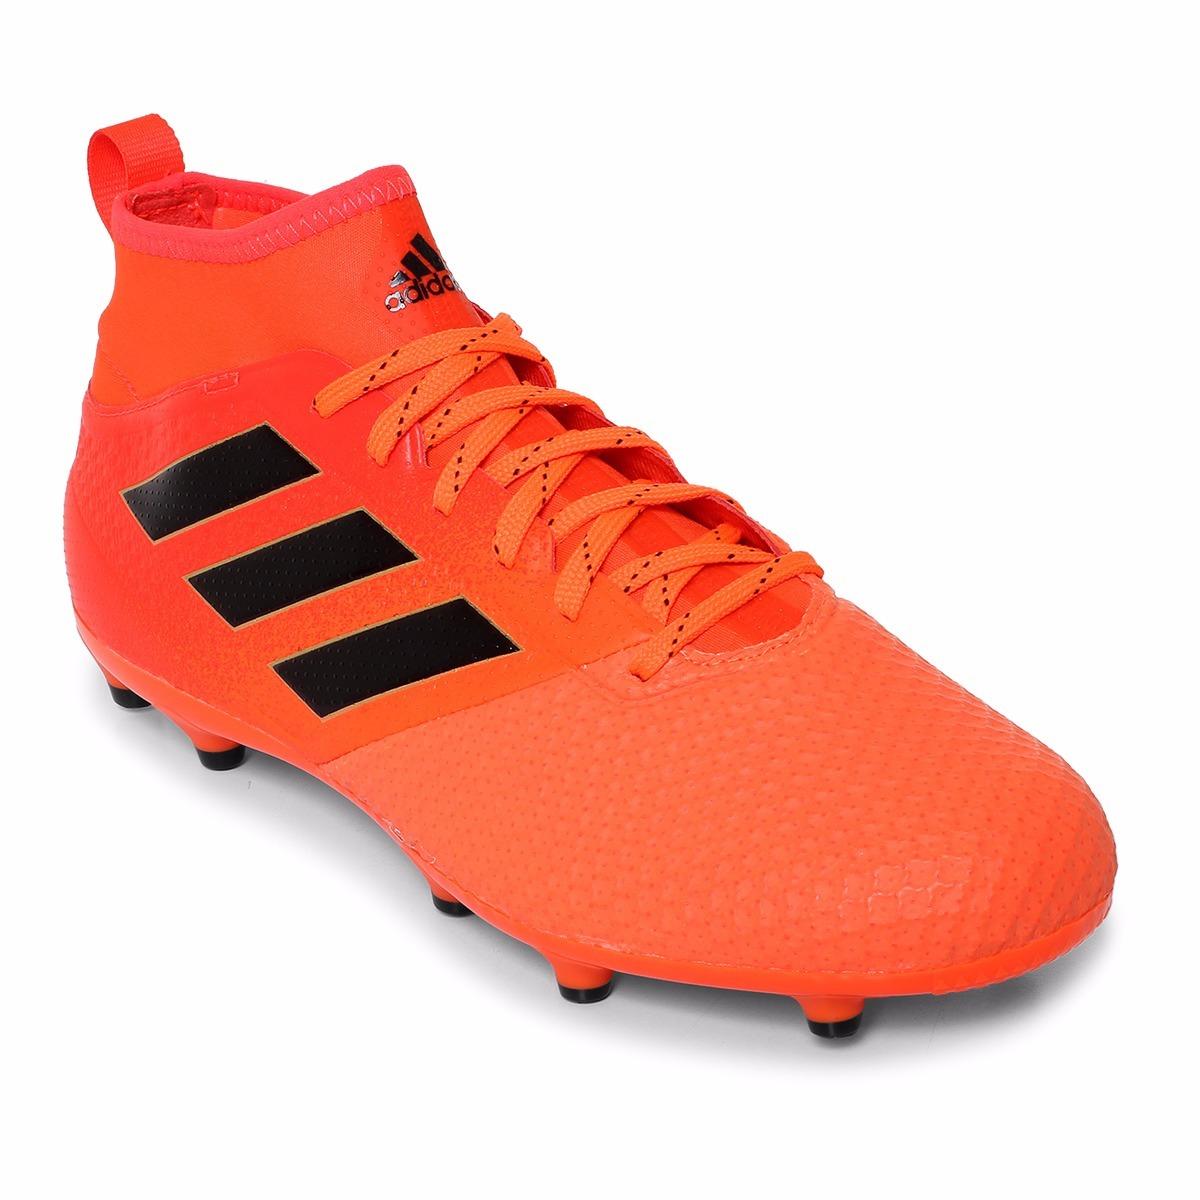 6364d64dd ... solar rojo 0 cacb4 df39e  canada taquetes de futbol adidas ace 17.3  naranja y negro original cargando zoom. b73ca c09d9